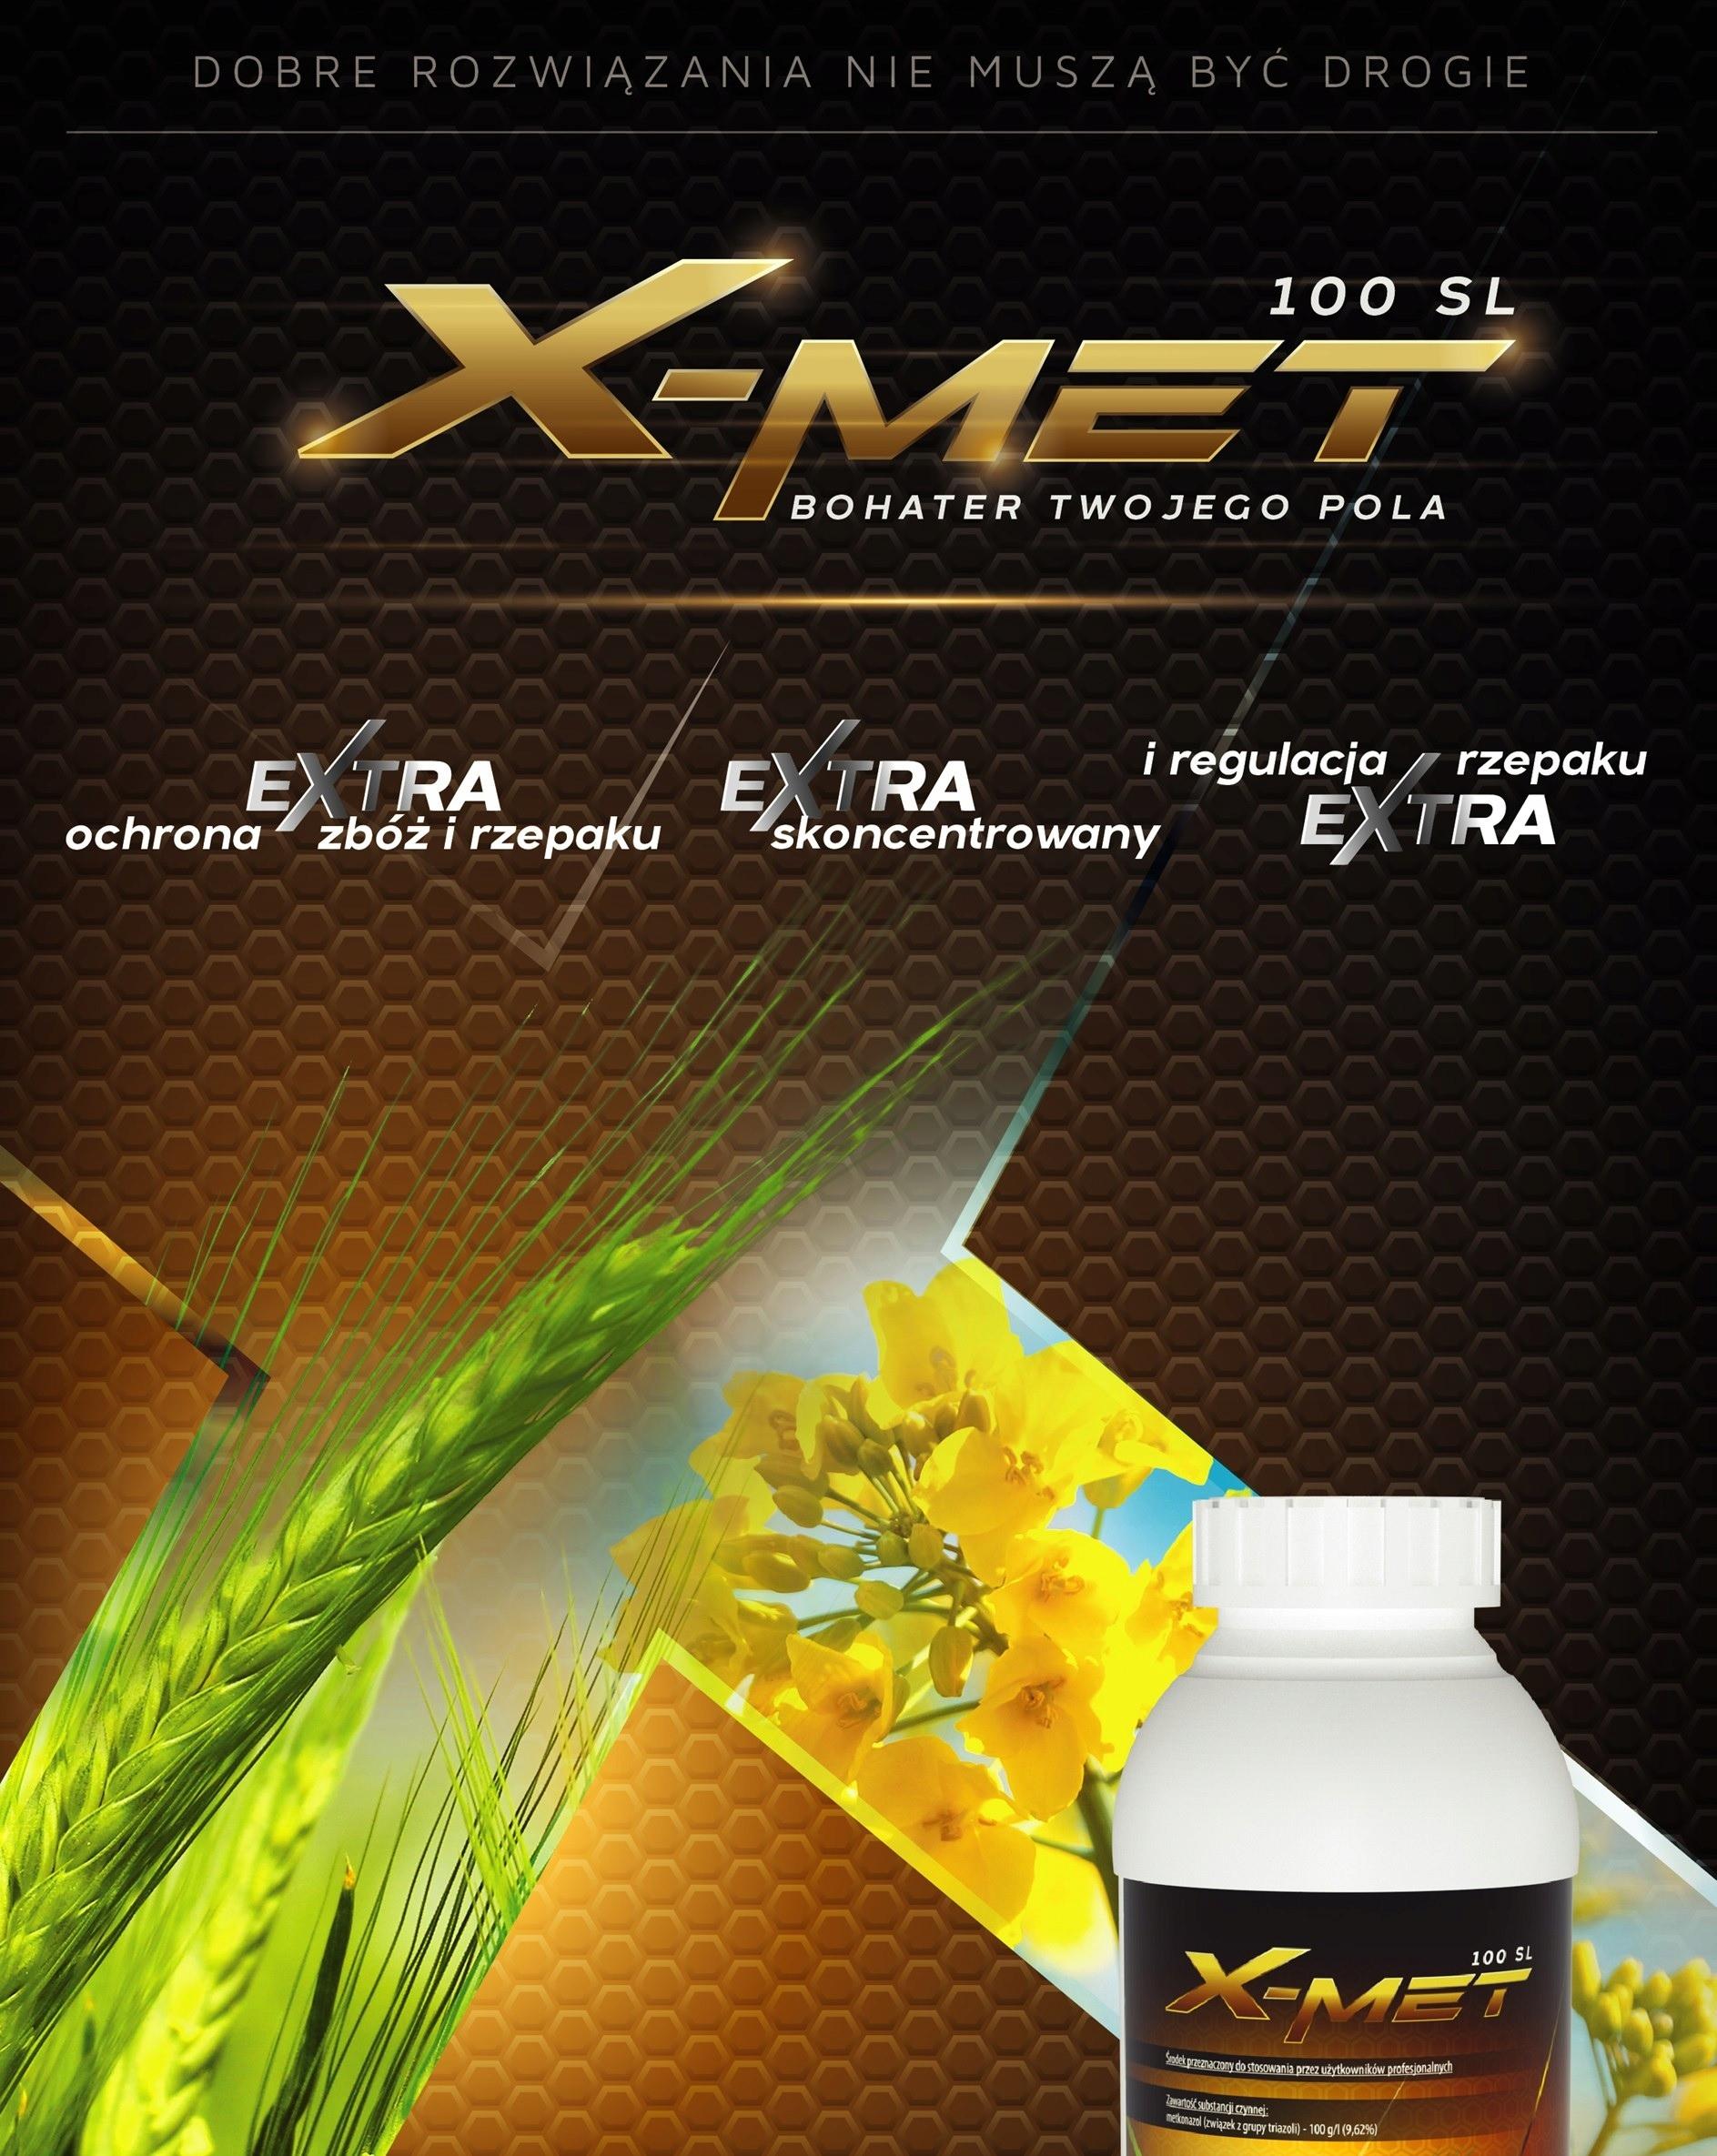 X-MET 100 SL metkonazol GRZYBOBÓJCZY zboża 1L Producent Innvigo